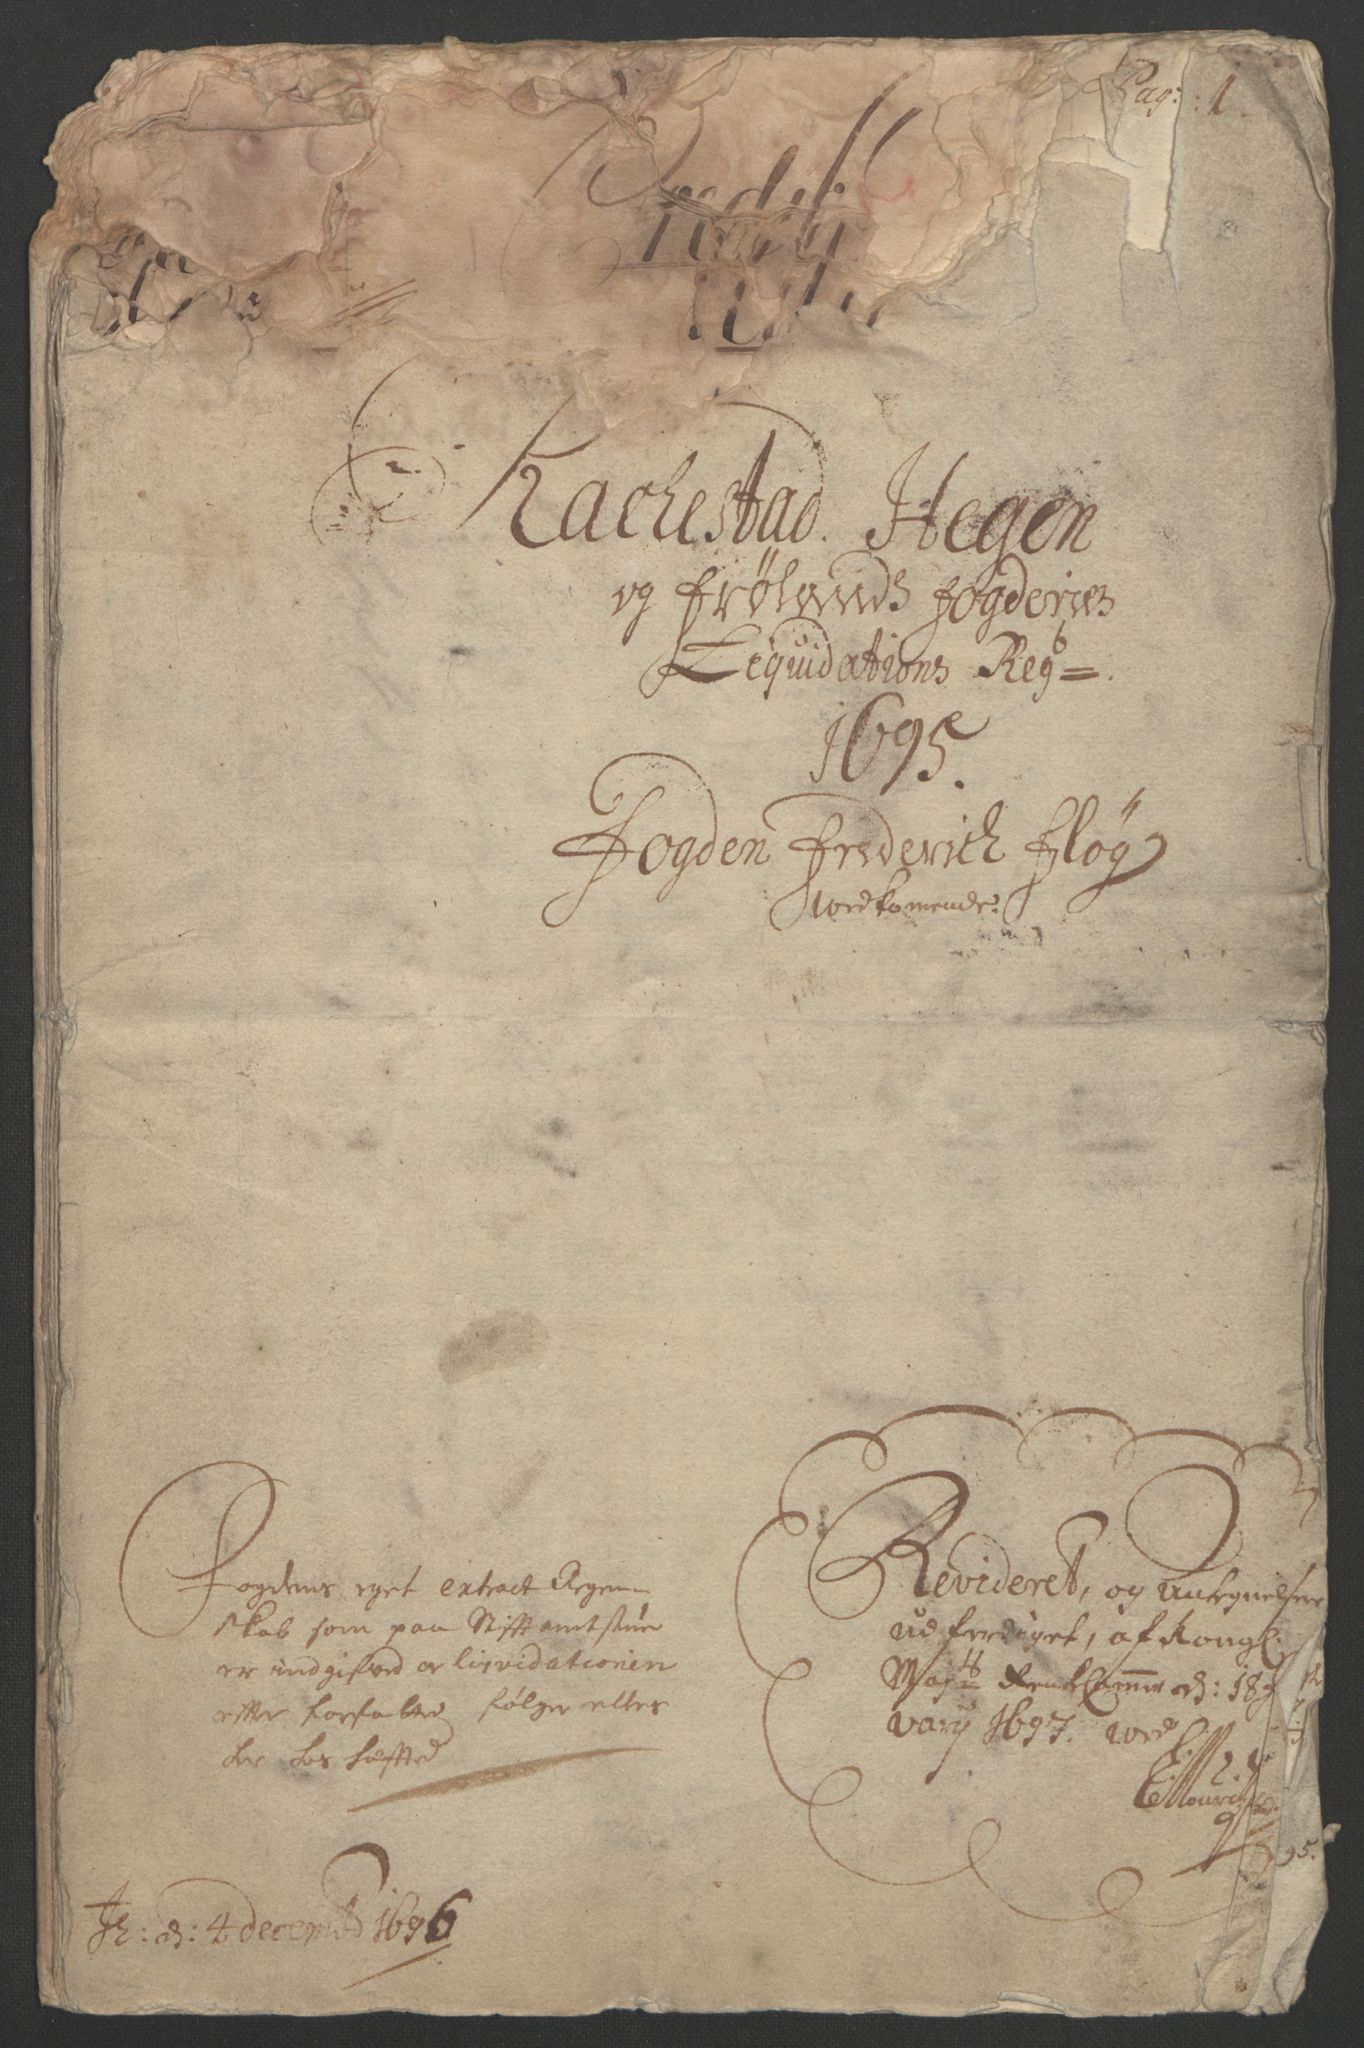 RA, Rentekammeret inntil 1814, Reviderte regnskaper, Fogderegnskap, R07/L0285: Fogderegnskap Rakkestad, Heggen og Frøland, 1695, s. 5